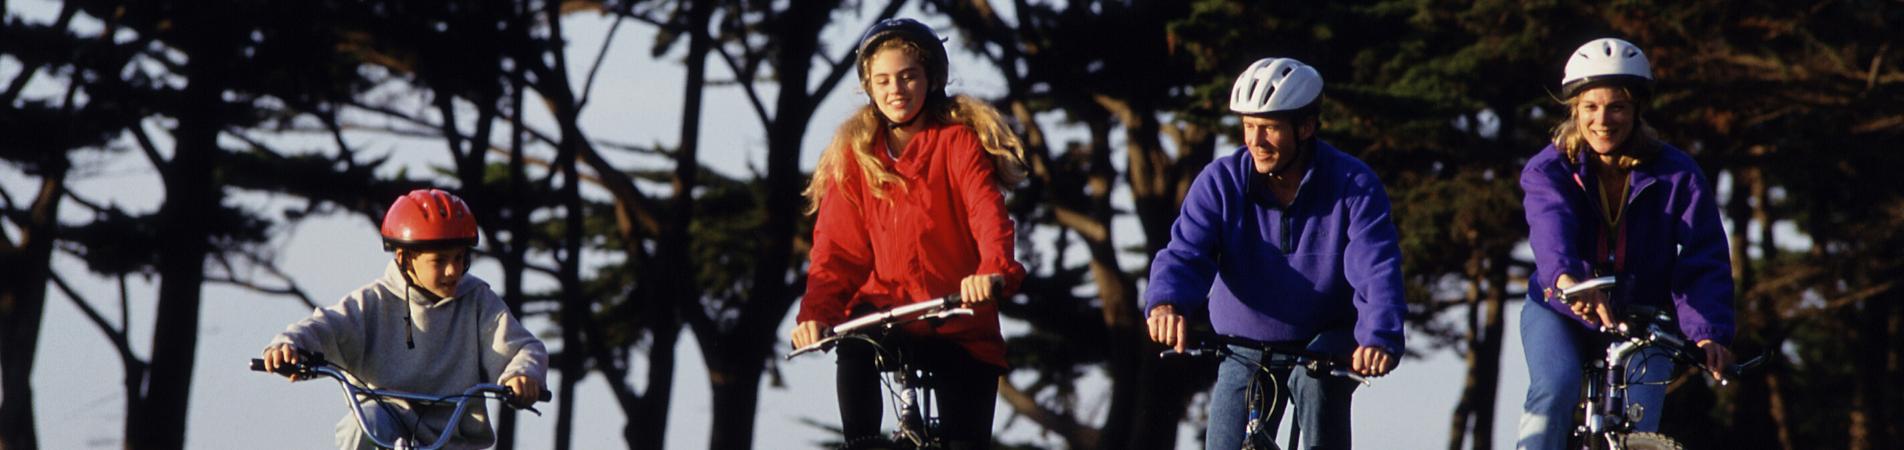 RADREISEN Urlaub mit dem Fahrrad I REISE